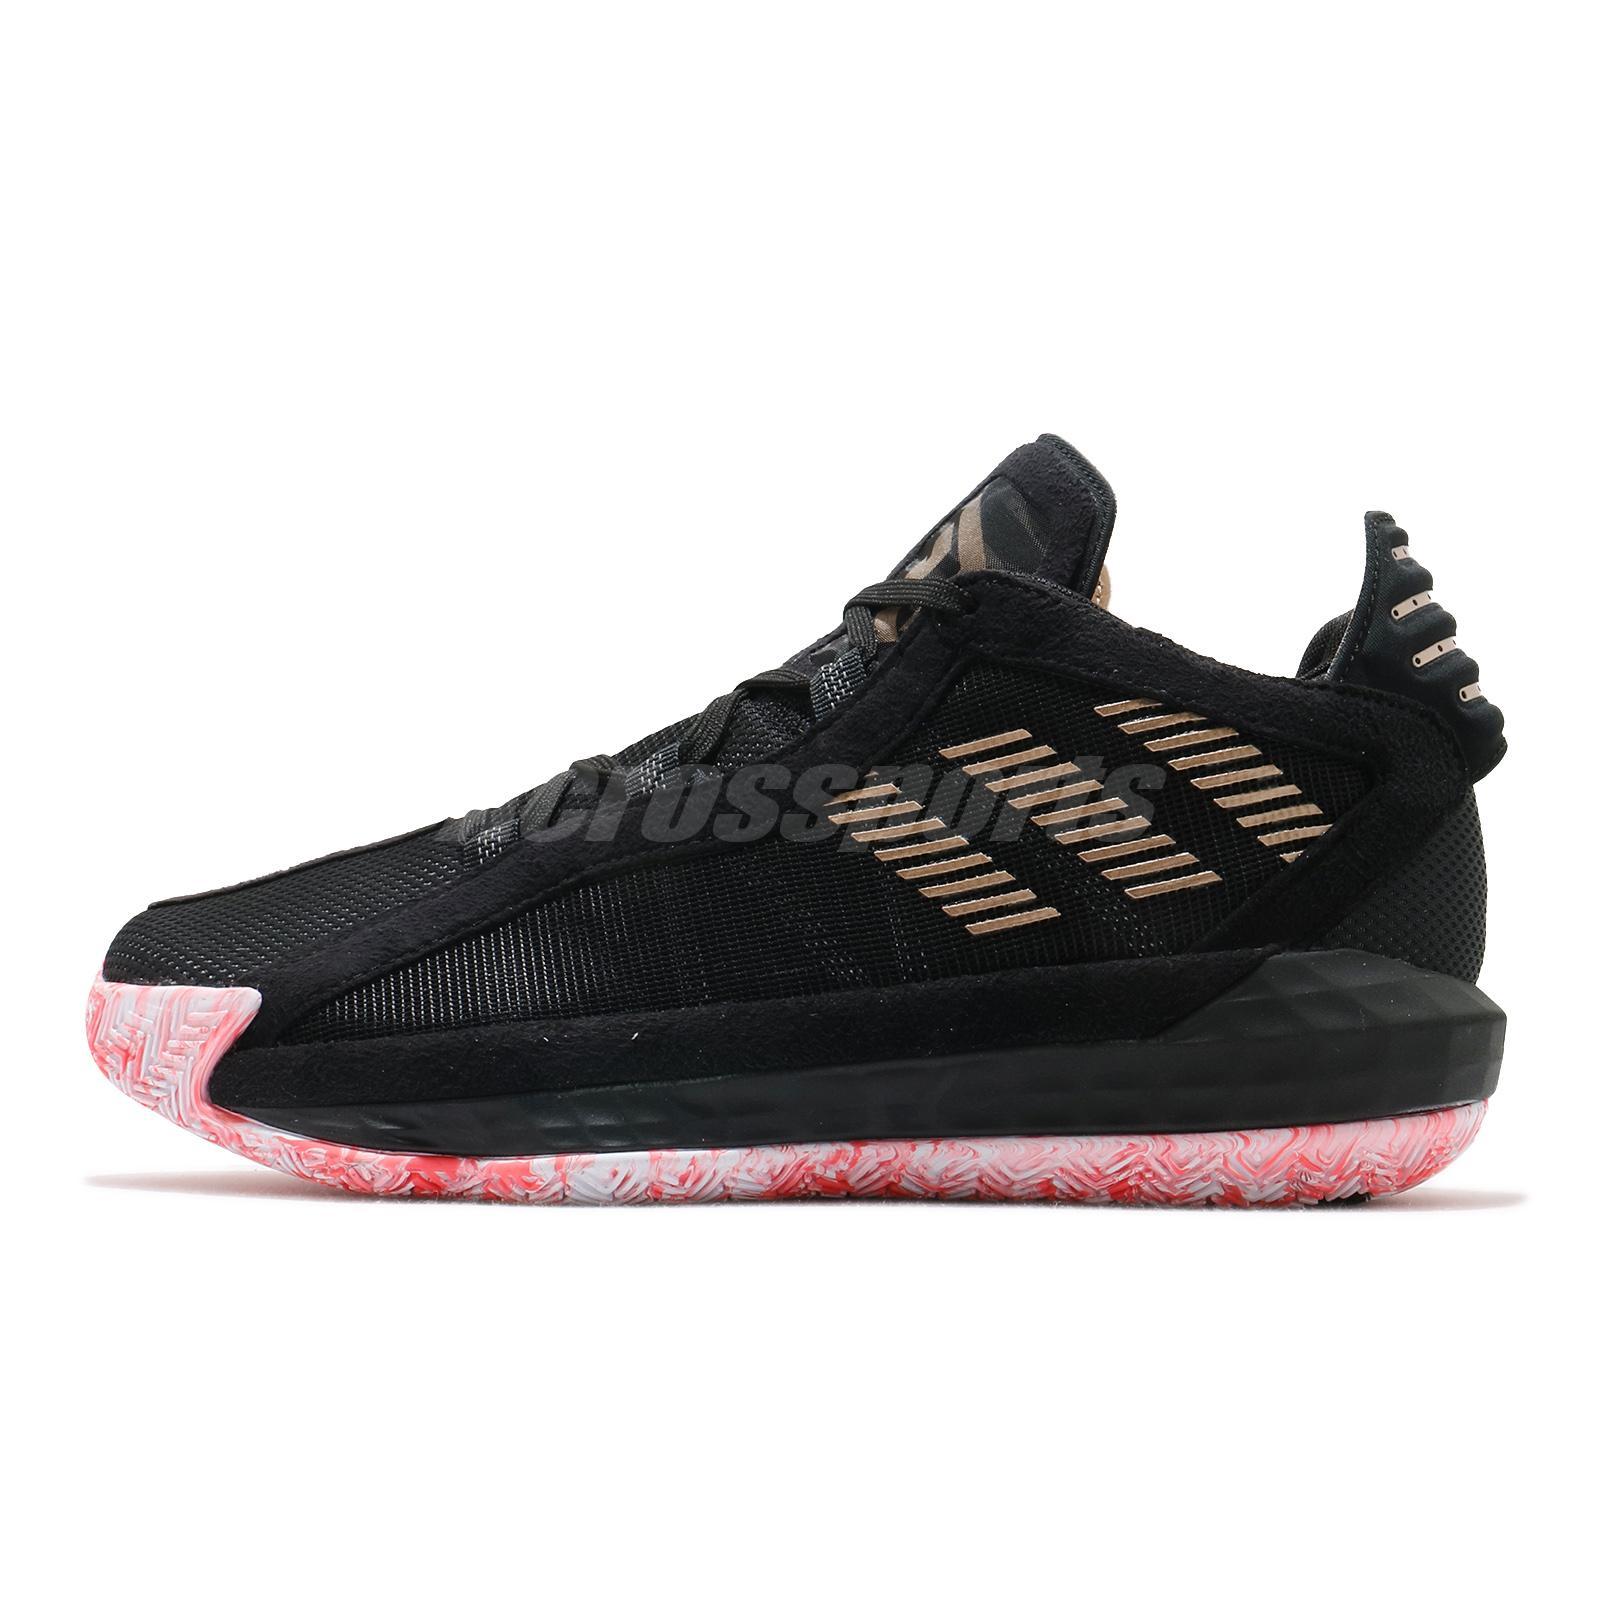 Adidas Dame 6 Gca Damian Lillard Black Pink Gold Men Basketball Shoes Fw9024 Ebay